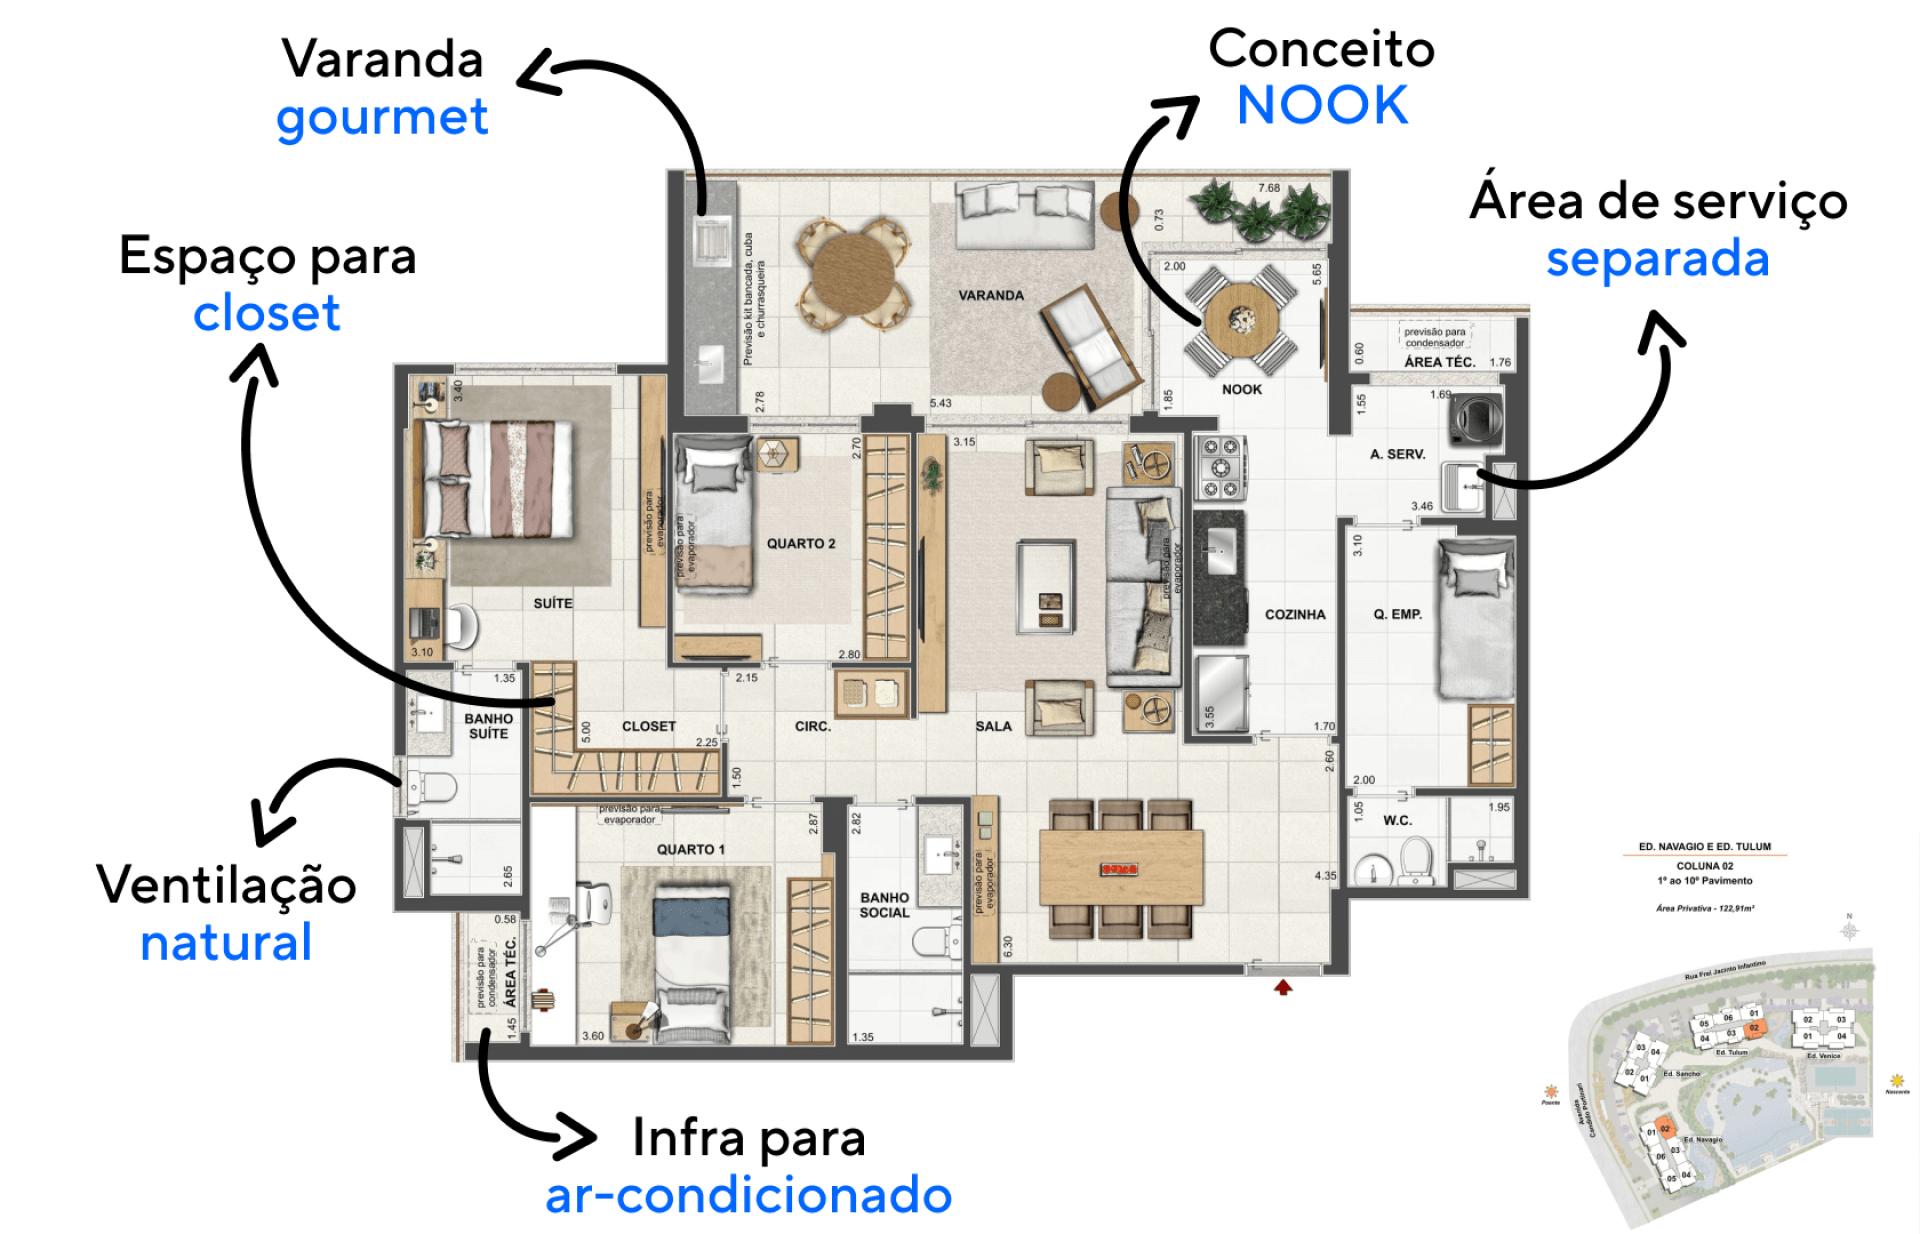 122 M² - 3 QUARTOS, SENDO 1 SUÍTE. Apartamentos com conceito inovador NOOK, uma configuração que integra cozinha à varanda, criando uma copa para que você realize as refeições rápidas apreciando a bela vista do entorno.